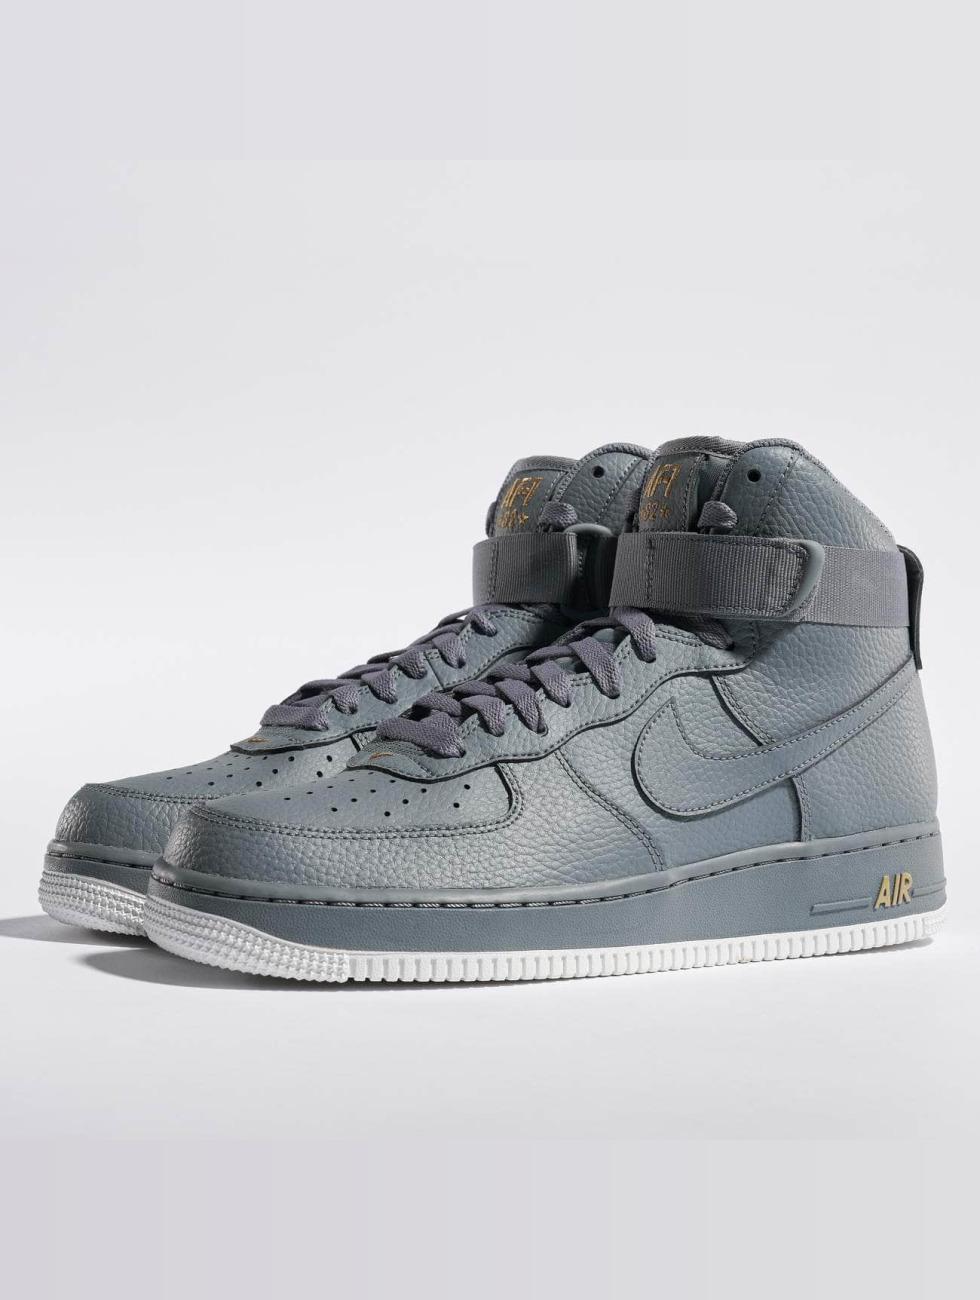 Nike schoen / sneaker Air Force 1 High 07 in grijs 445566 Outlet Goedkope Online RpdTKyRZ